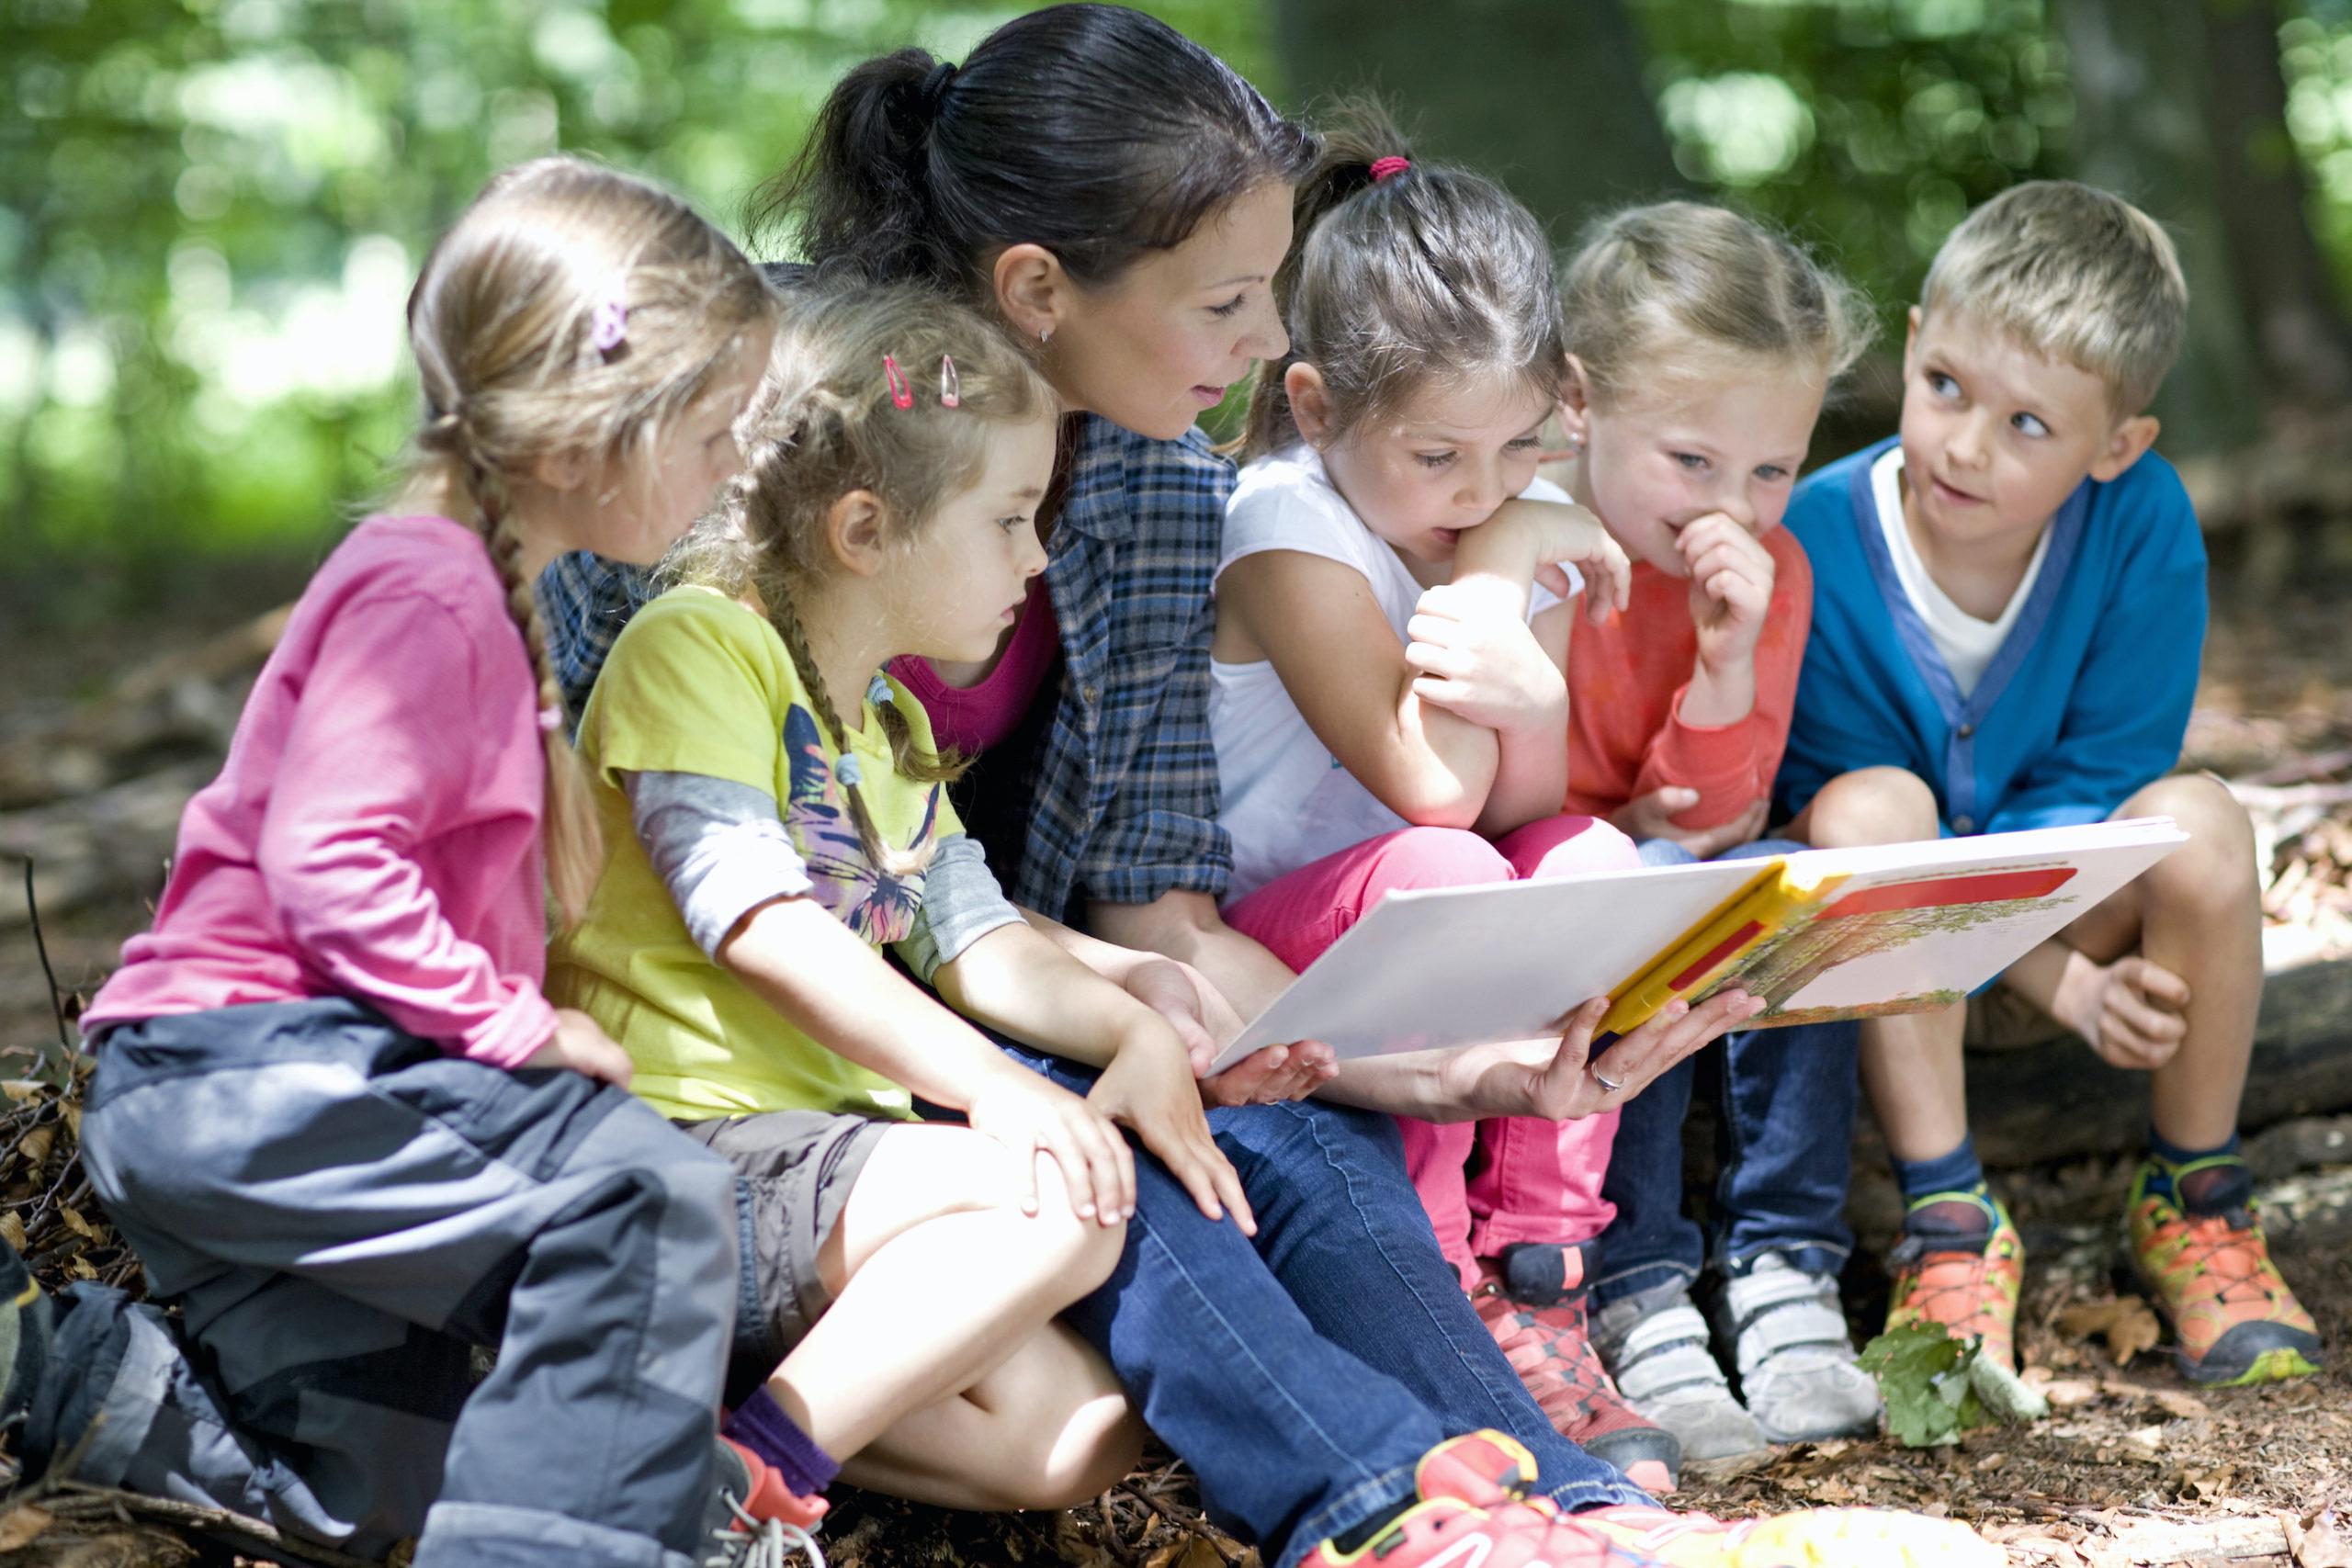 Školky nemohou přijmout zhruba čtvrtinu dětí, které podají přihlášku.